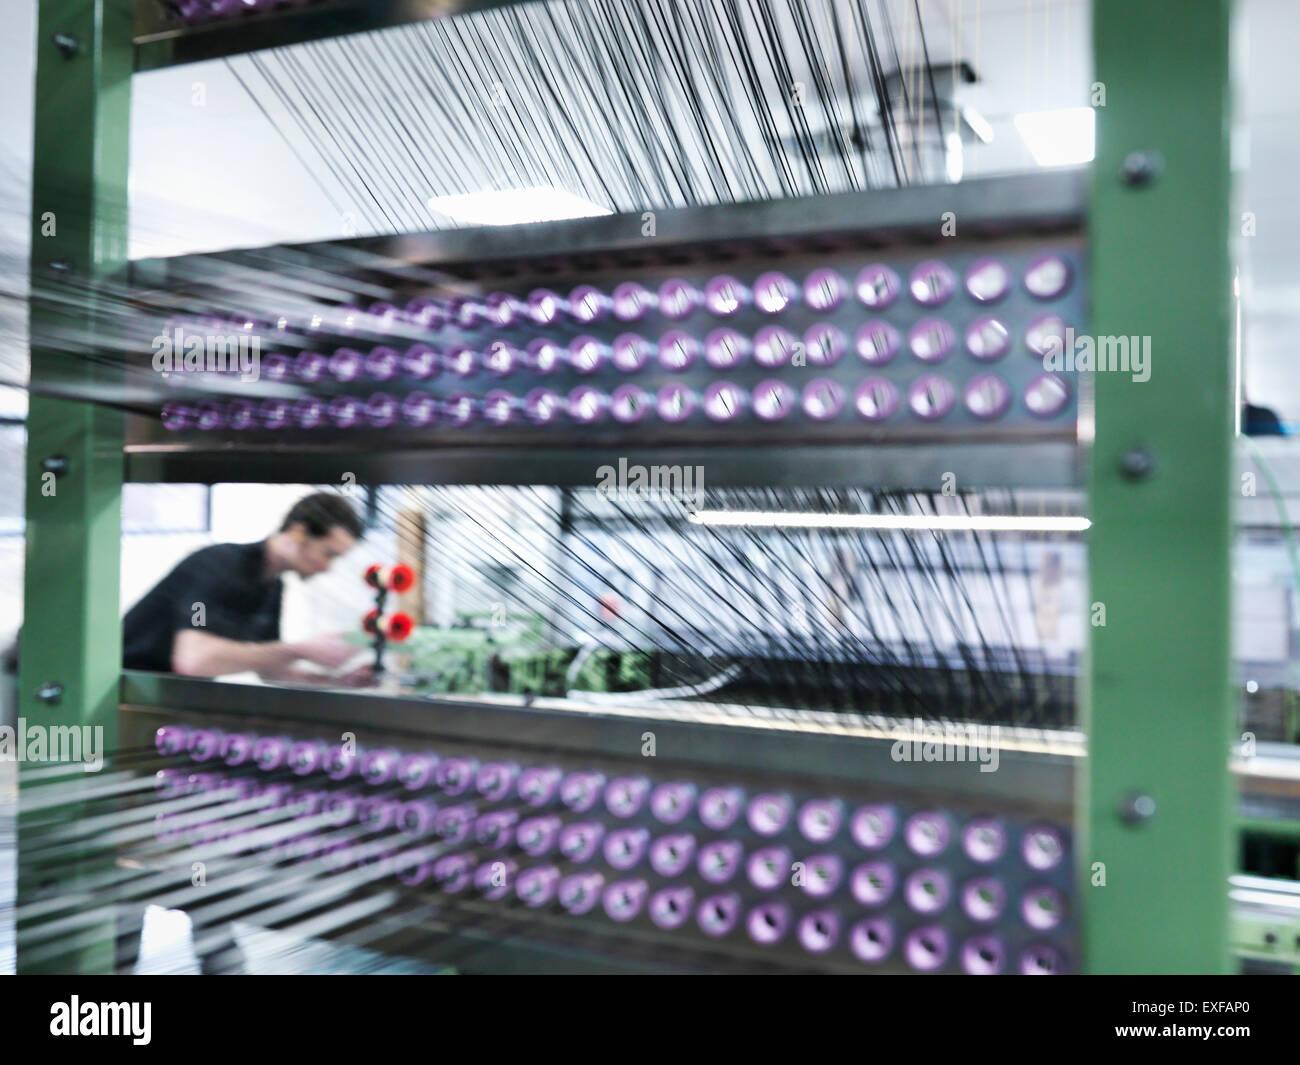 Tejido de fibra de carbono de trabajador en la fábrica de fibra de carbono Imagen De Stock